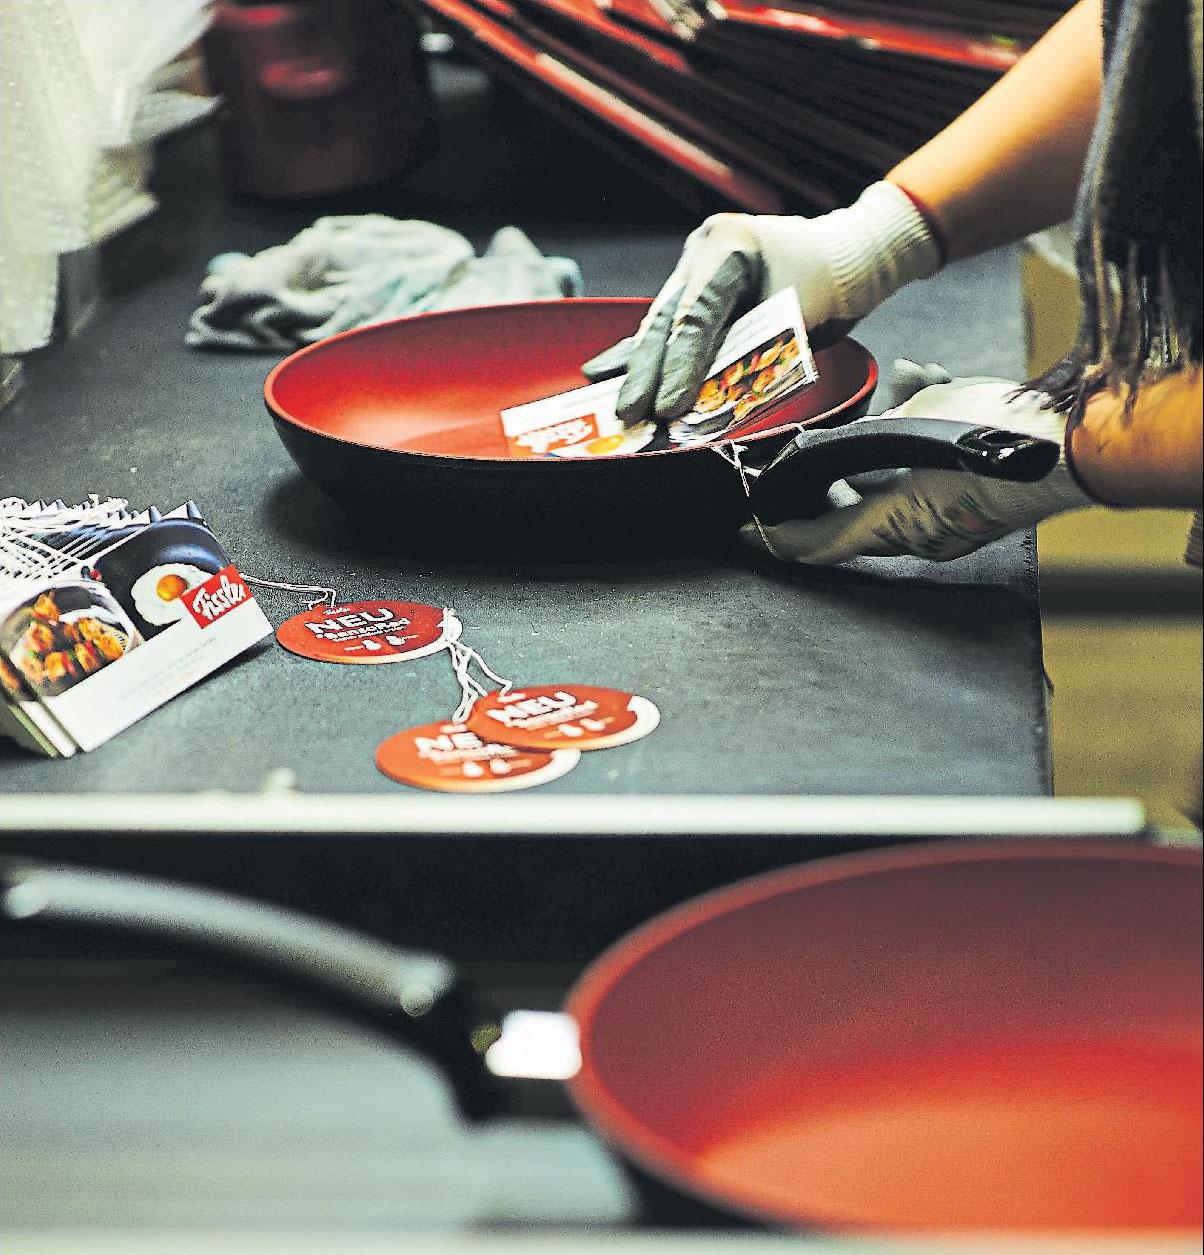 Die Töpfe und Pfannen der Marke bestehen meist aus hochwertigem Edelstahl oder Aluminium und sind zum Teil beschichtet.Foto: Fissler